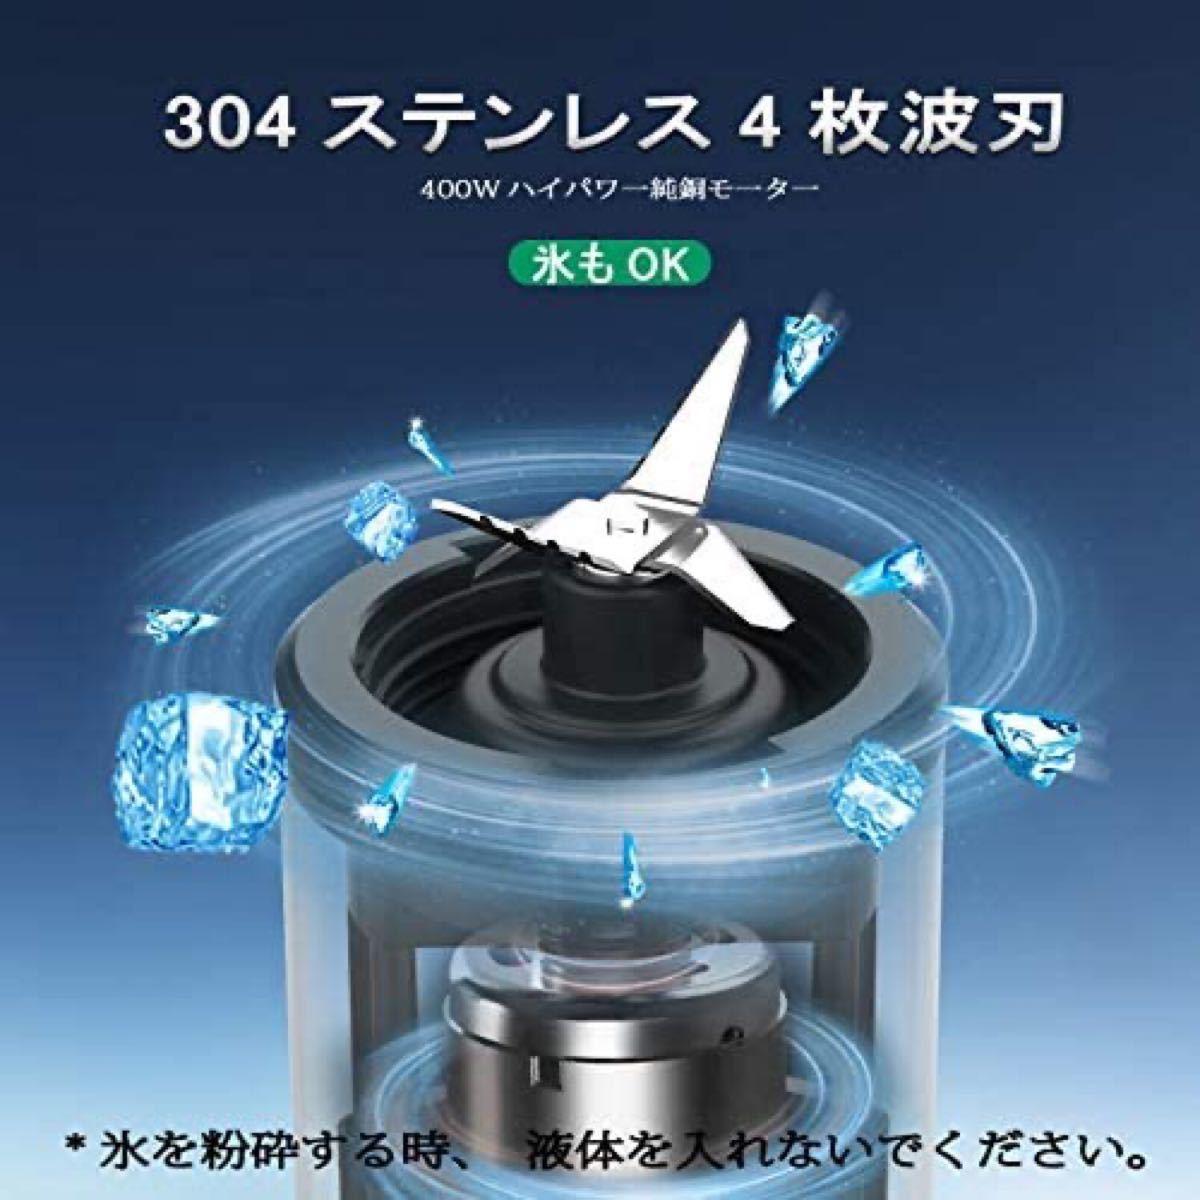 ジューサー ミキサー小型 スムージー氷も砕ける 高速回転ブレンダー 銀色